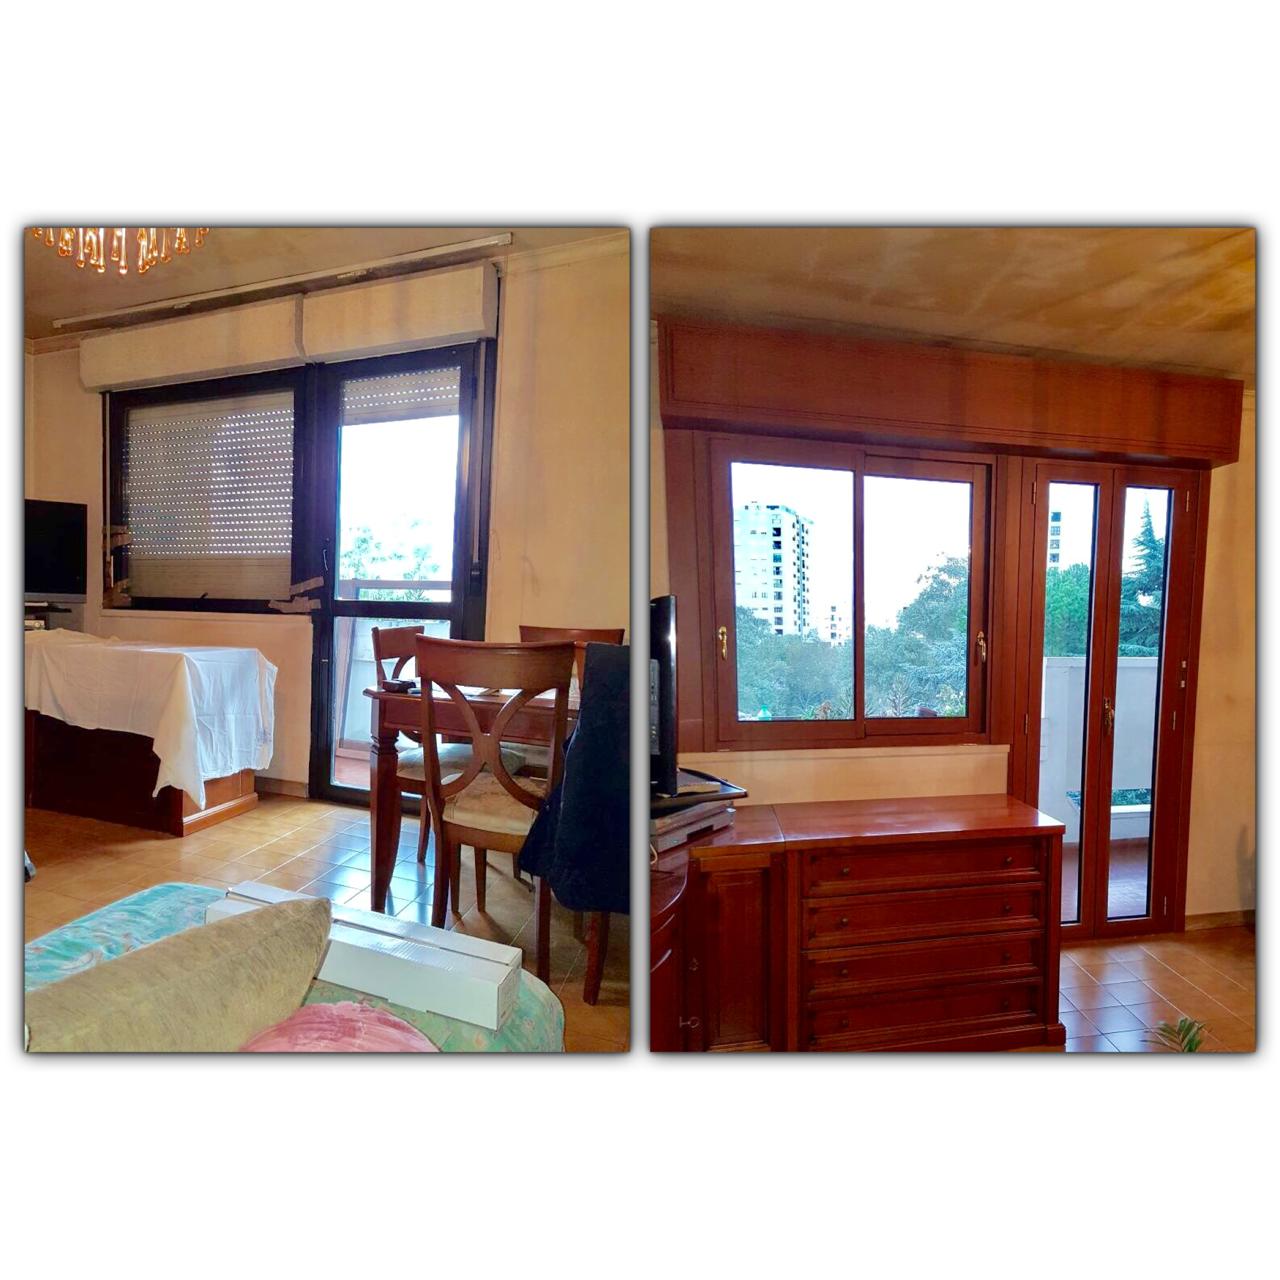 Cassonetti per avvolgibili produzione e vendita di infissi e finestre saliscendi - Serrande avvolgibili per finestre ...